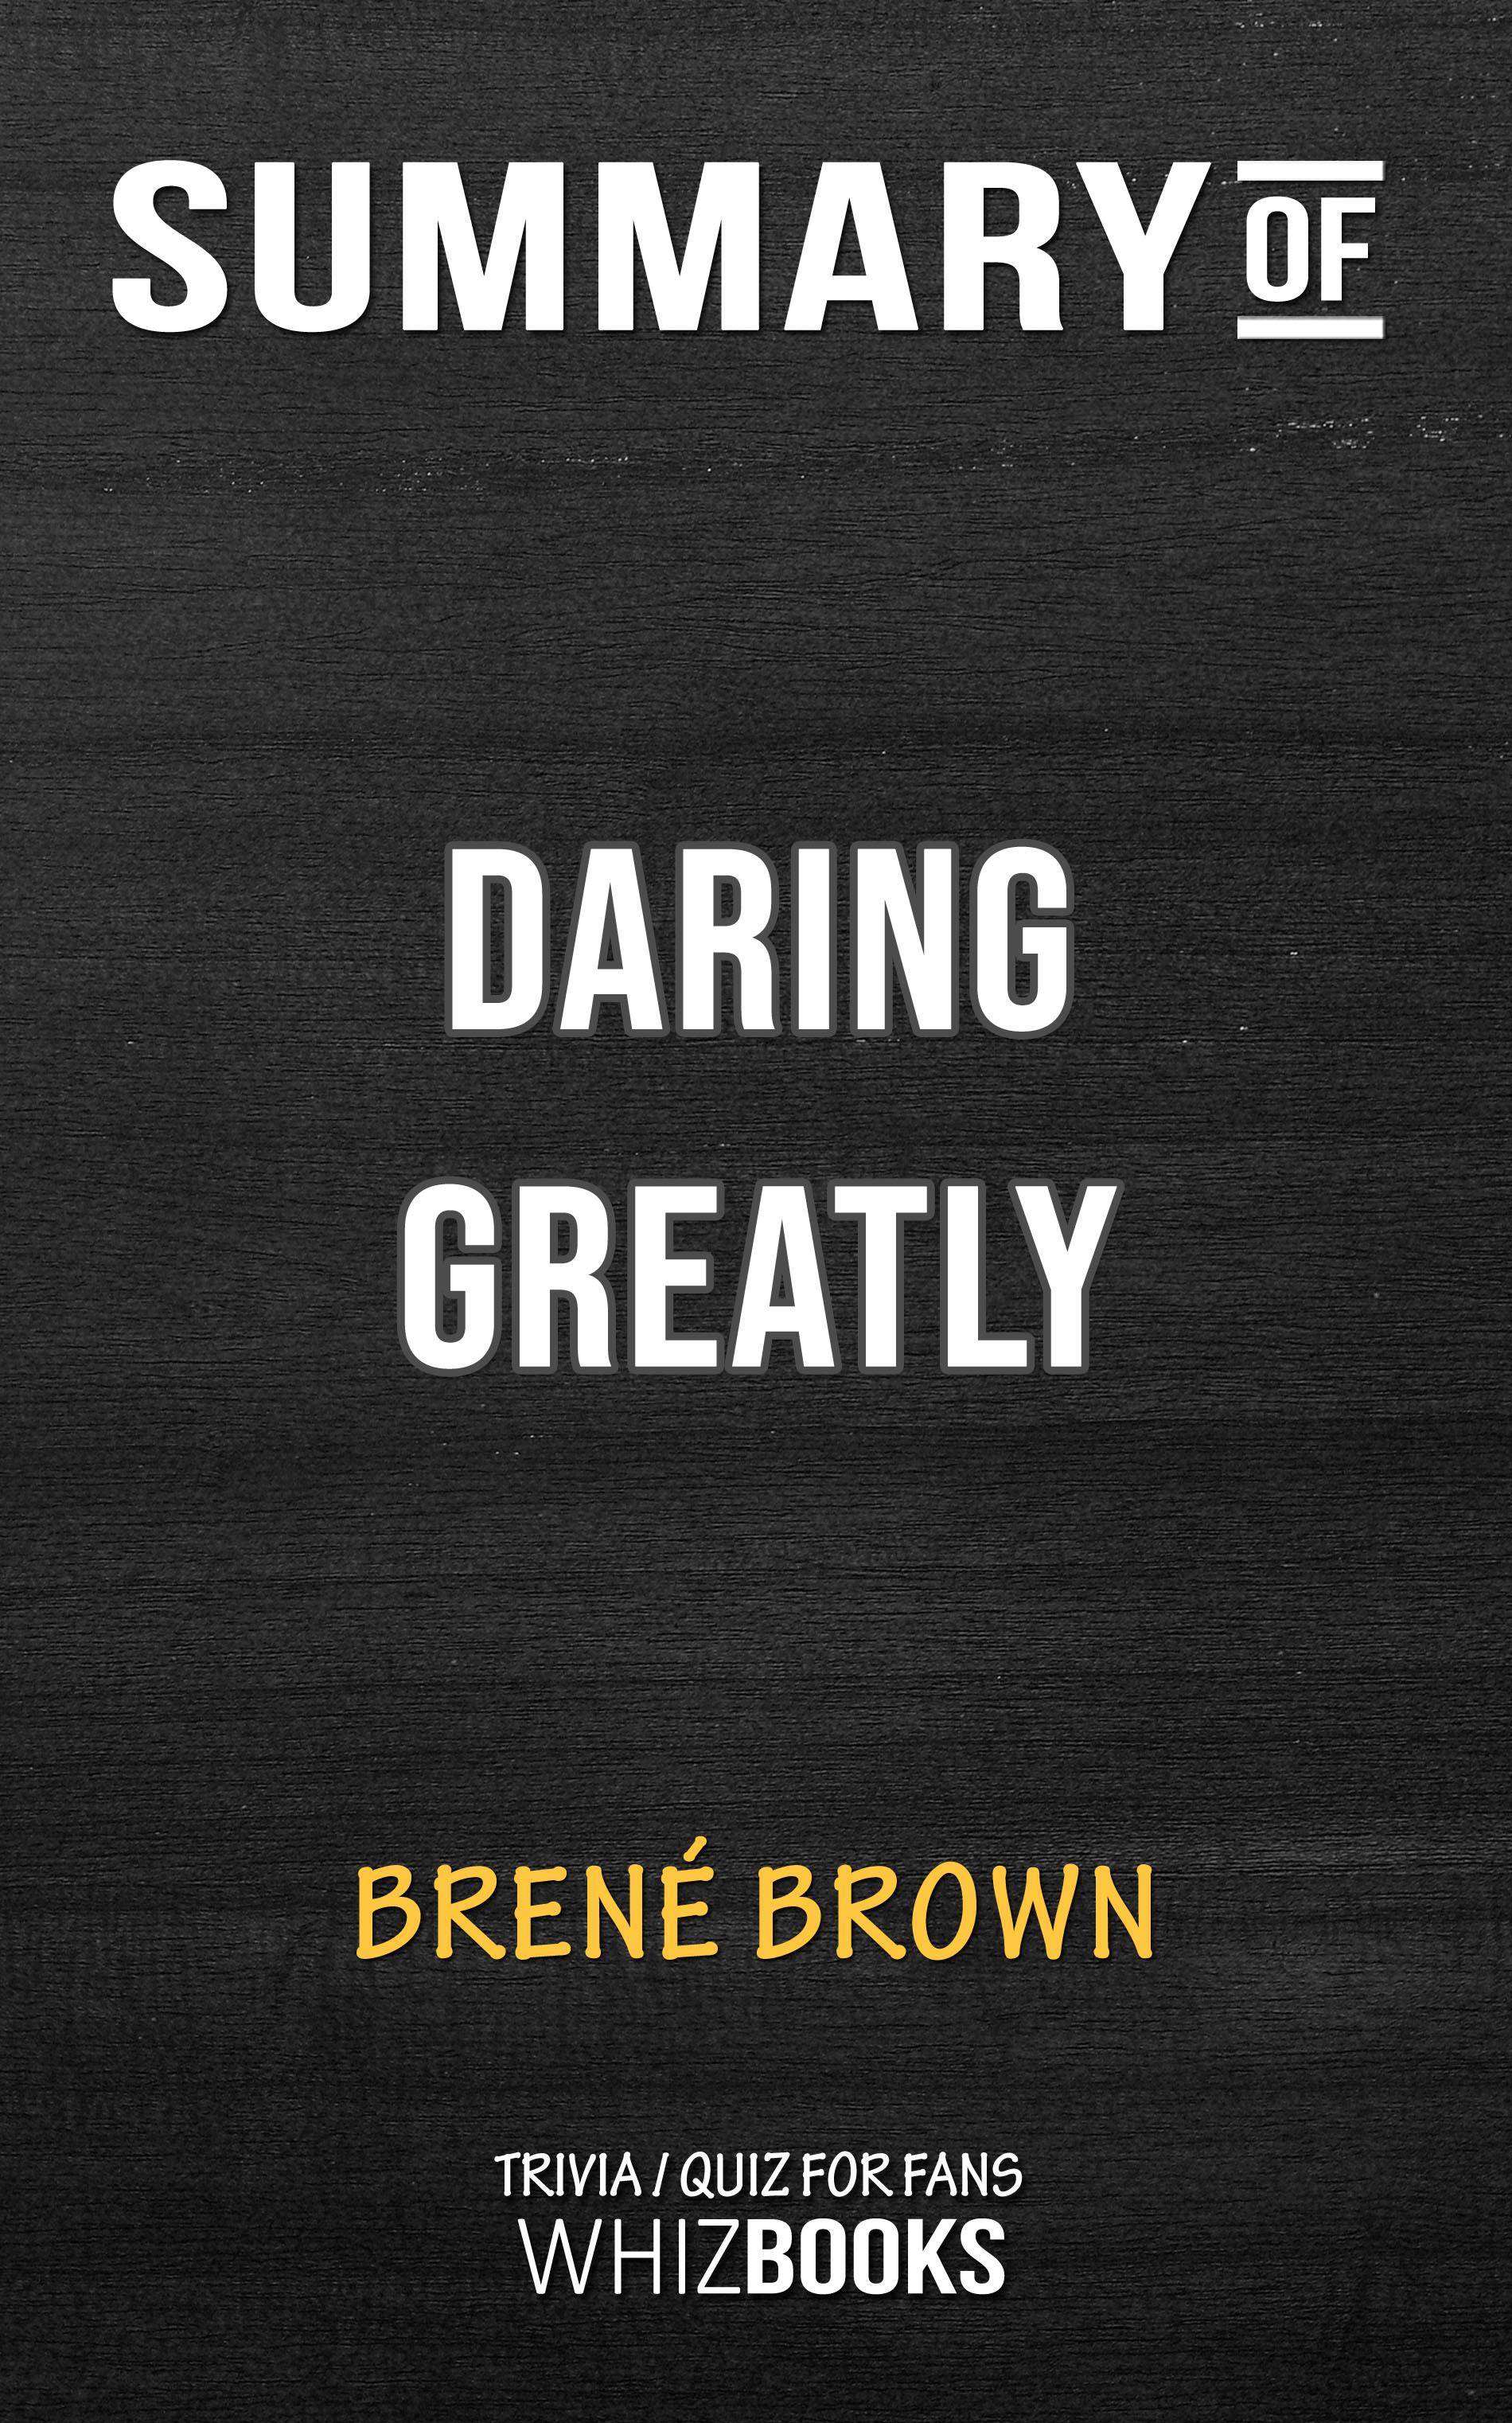 daring greatly brown bren